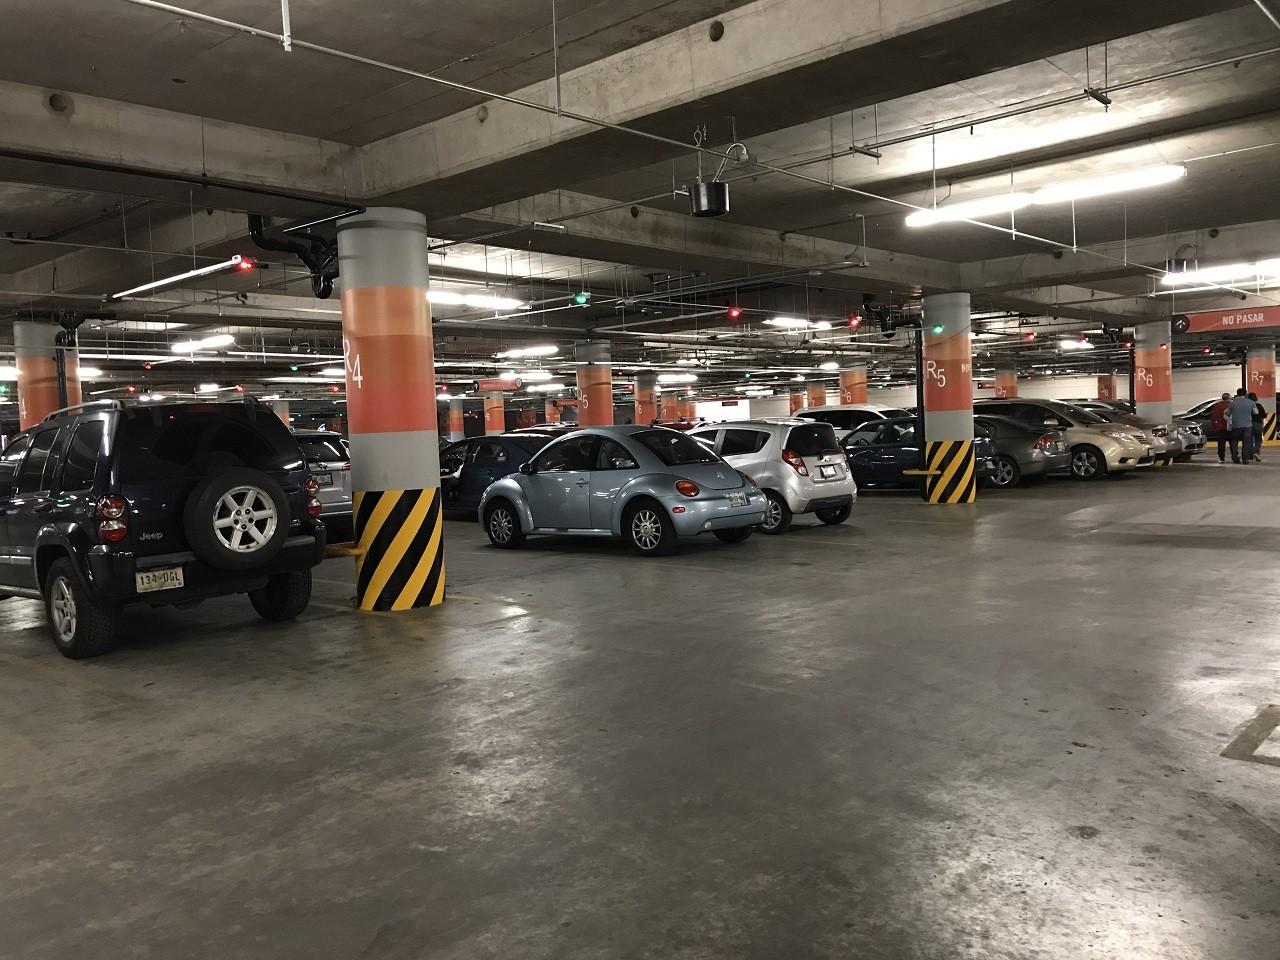 Oaxaca no cobrará estacionamiento en plazas y centros comerciales, aquí la razón